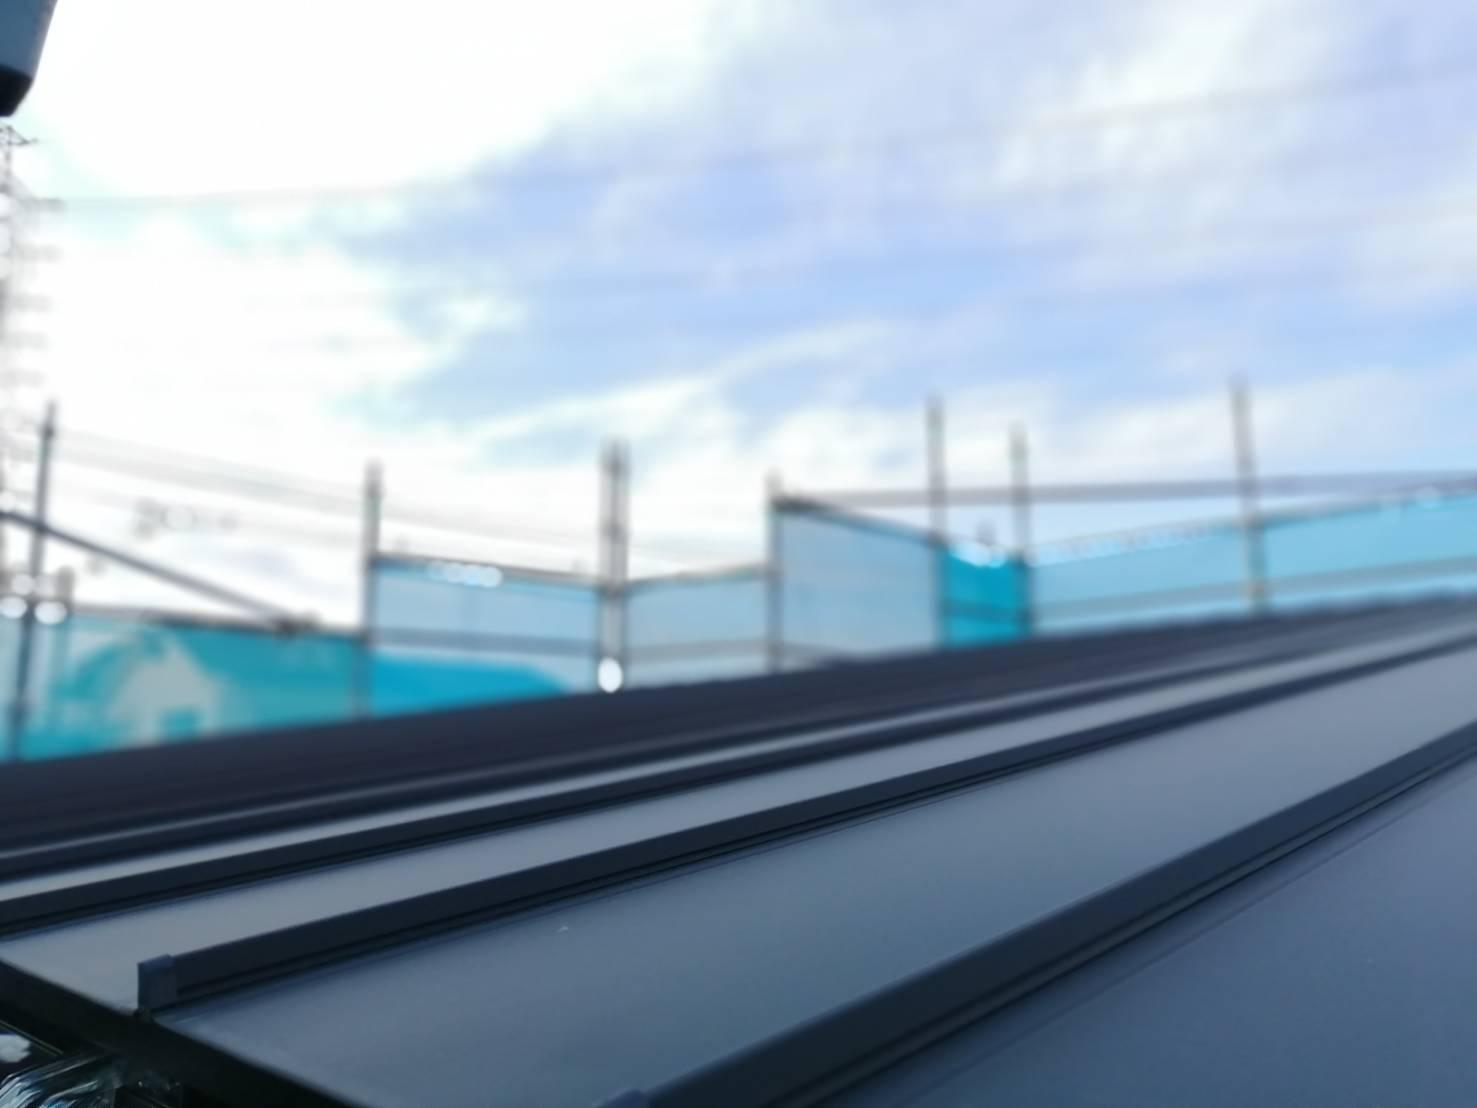 「屋根・ルーフィング・バルコニー防水」のメンテナンス費用を安くするコツ|選んではいけない建材とは?